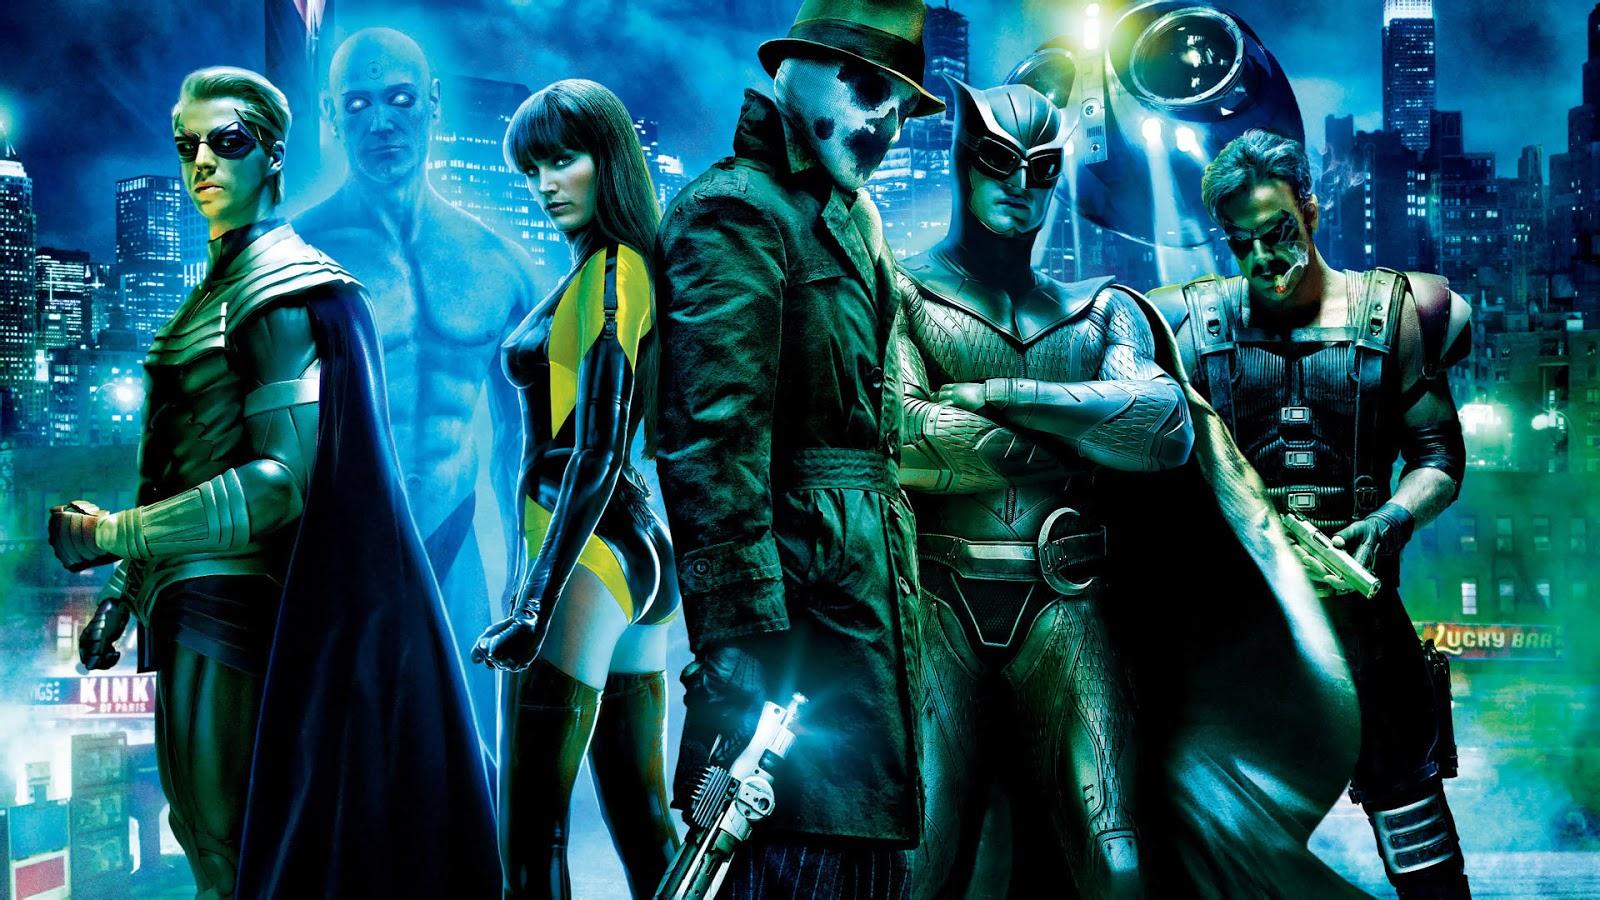 cinemaphile watchmen 1 2 2009 watchmen 1 2 2009